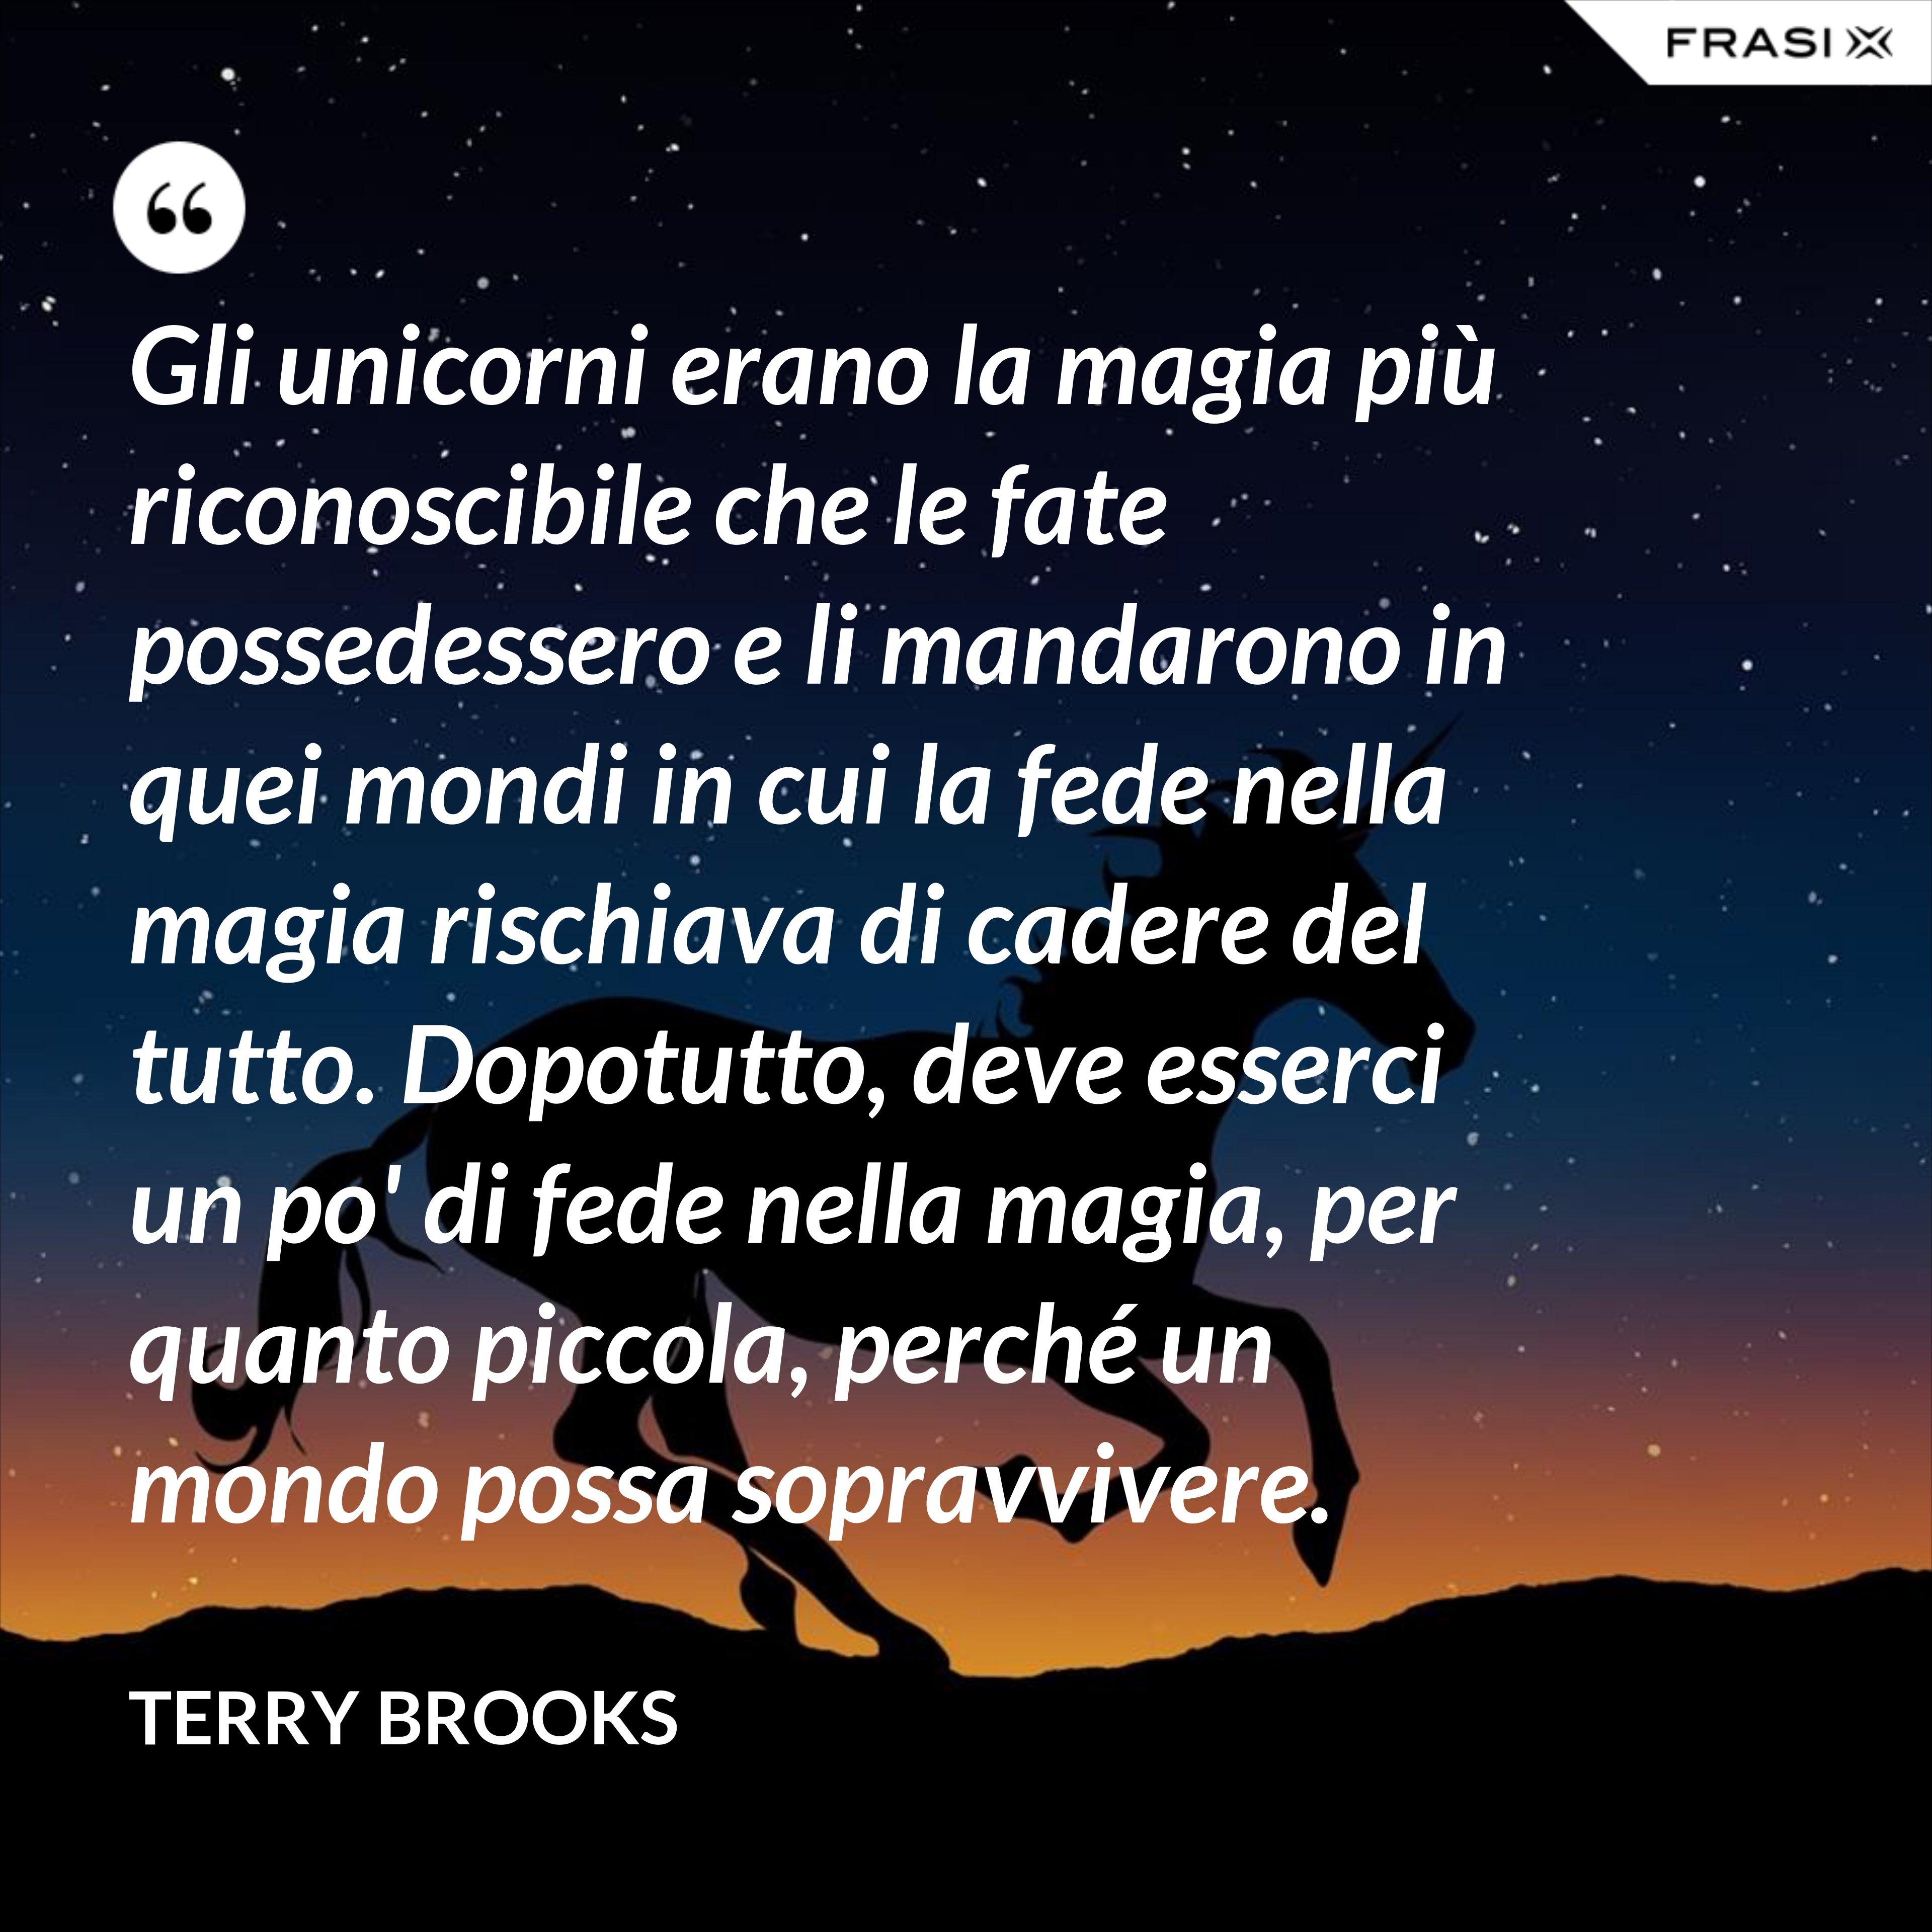 Gli unicorni erano la magia più riconoscibile che le fate possedessero e li mandarono in quei mondi in cui la fede nella magia rischiava di cadere del tutto. Dopotutto, deve esserci un po' di fede nella magia, per quanto piccola, perché un mondo possa sopravvivere. - Terry Brooks